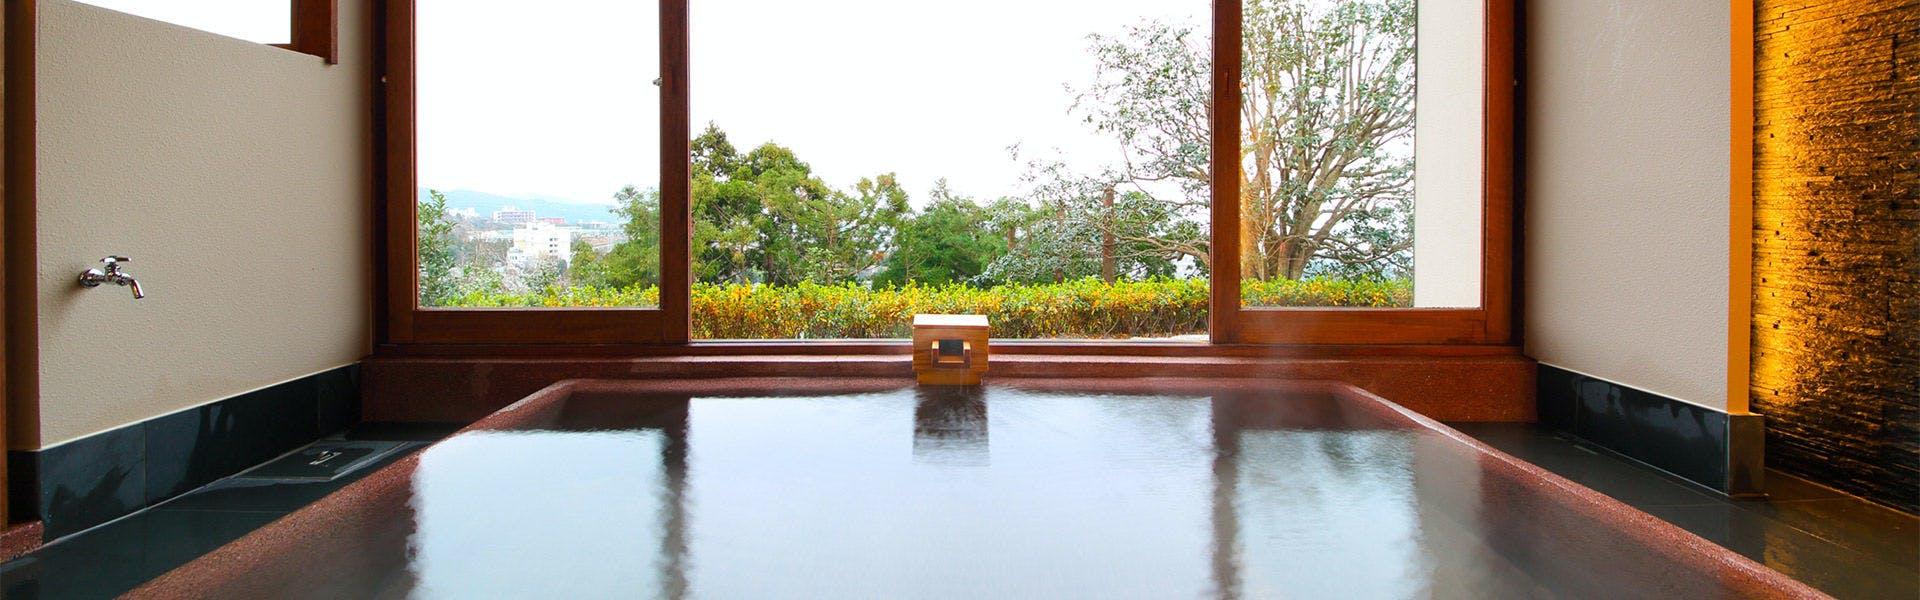 記念日におすすめのホテル・別府温泉 テラス御堂原の写真3